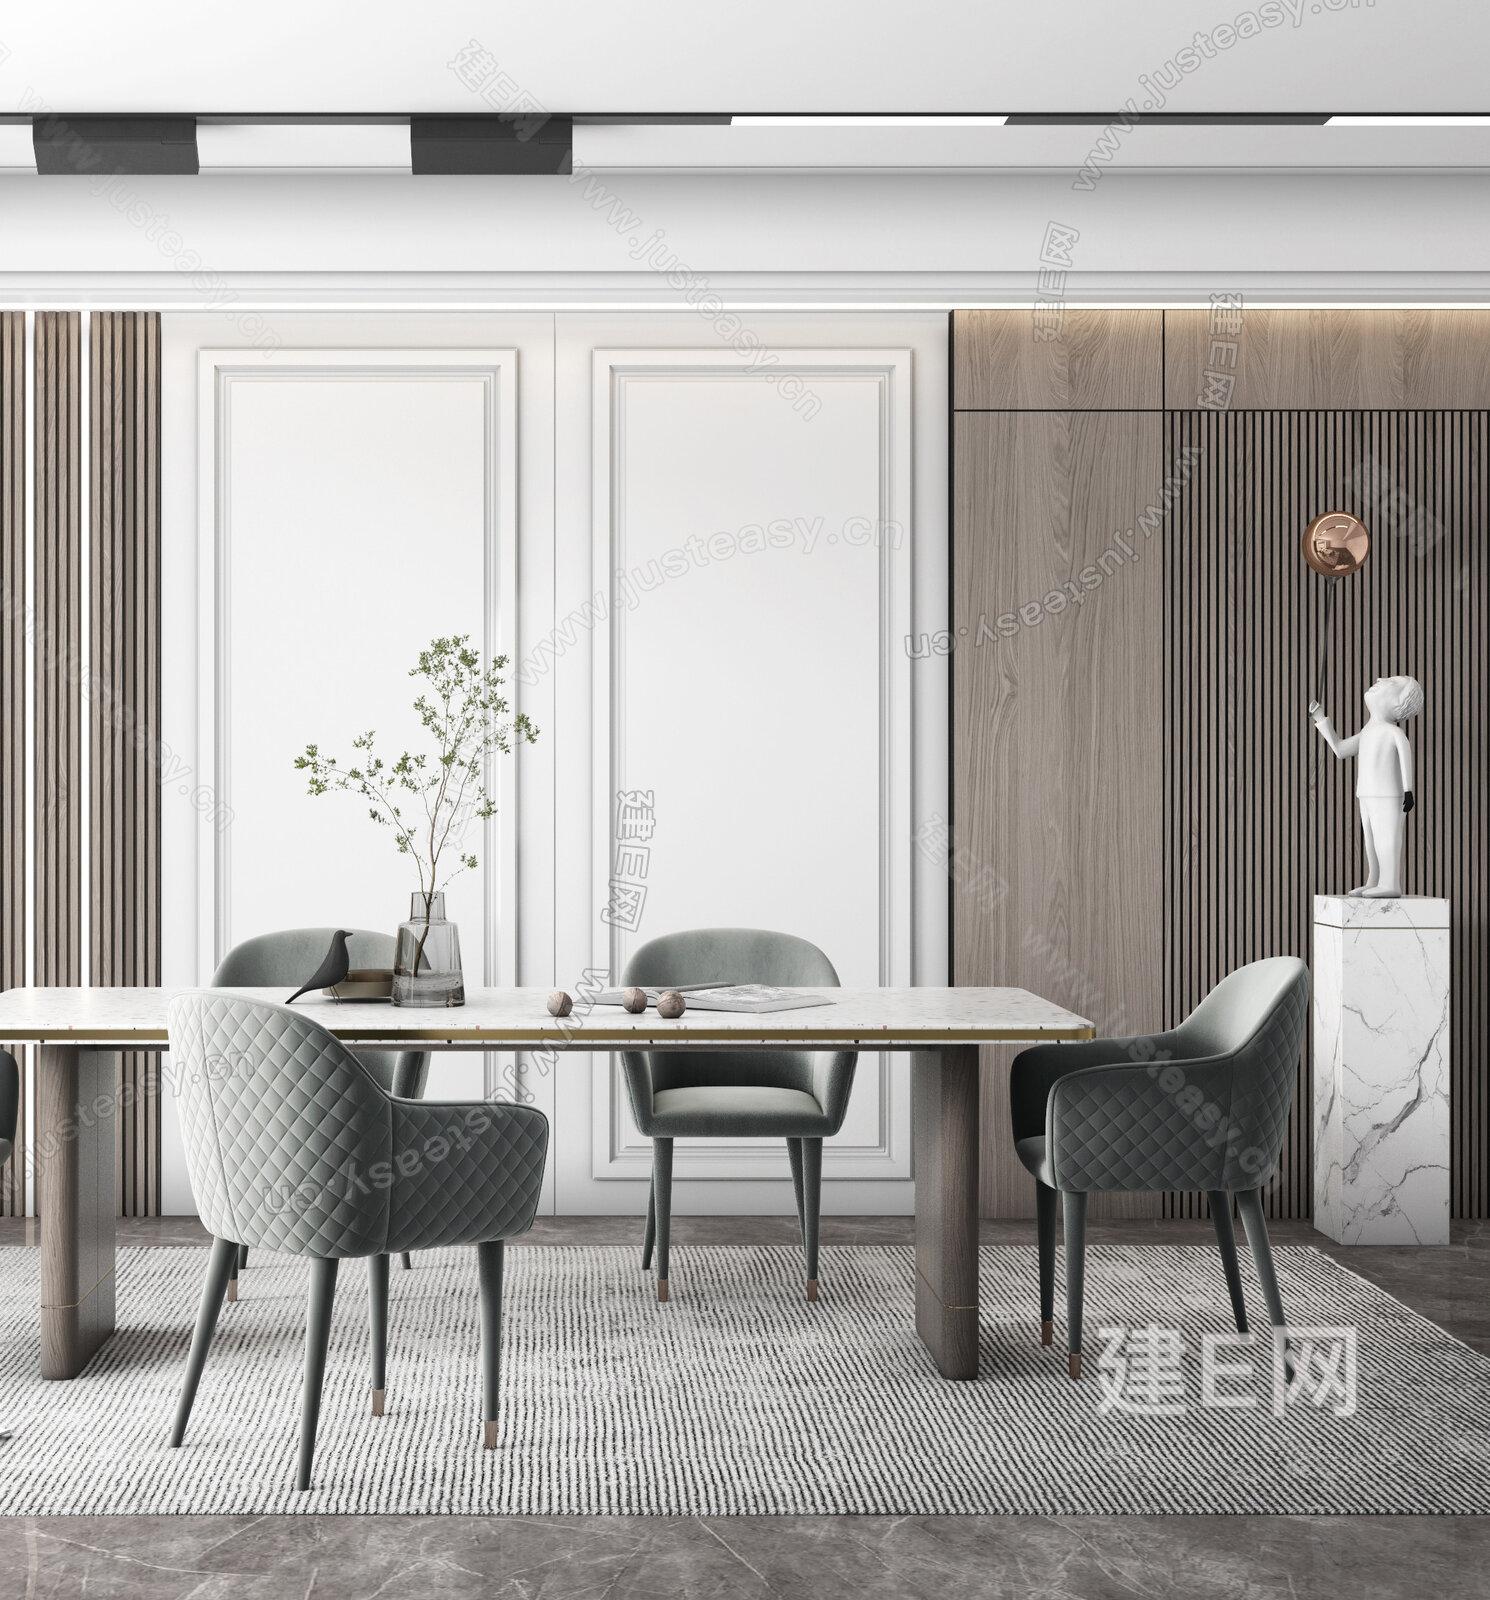 现代餐厅 简约餐厅3d模型